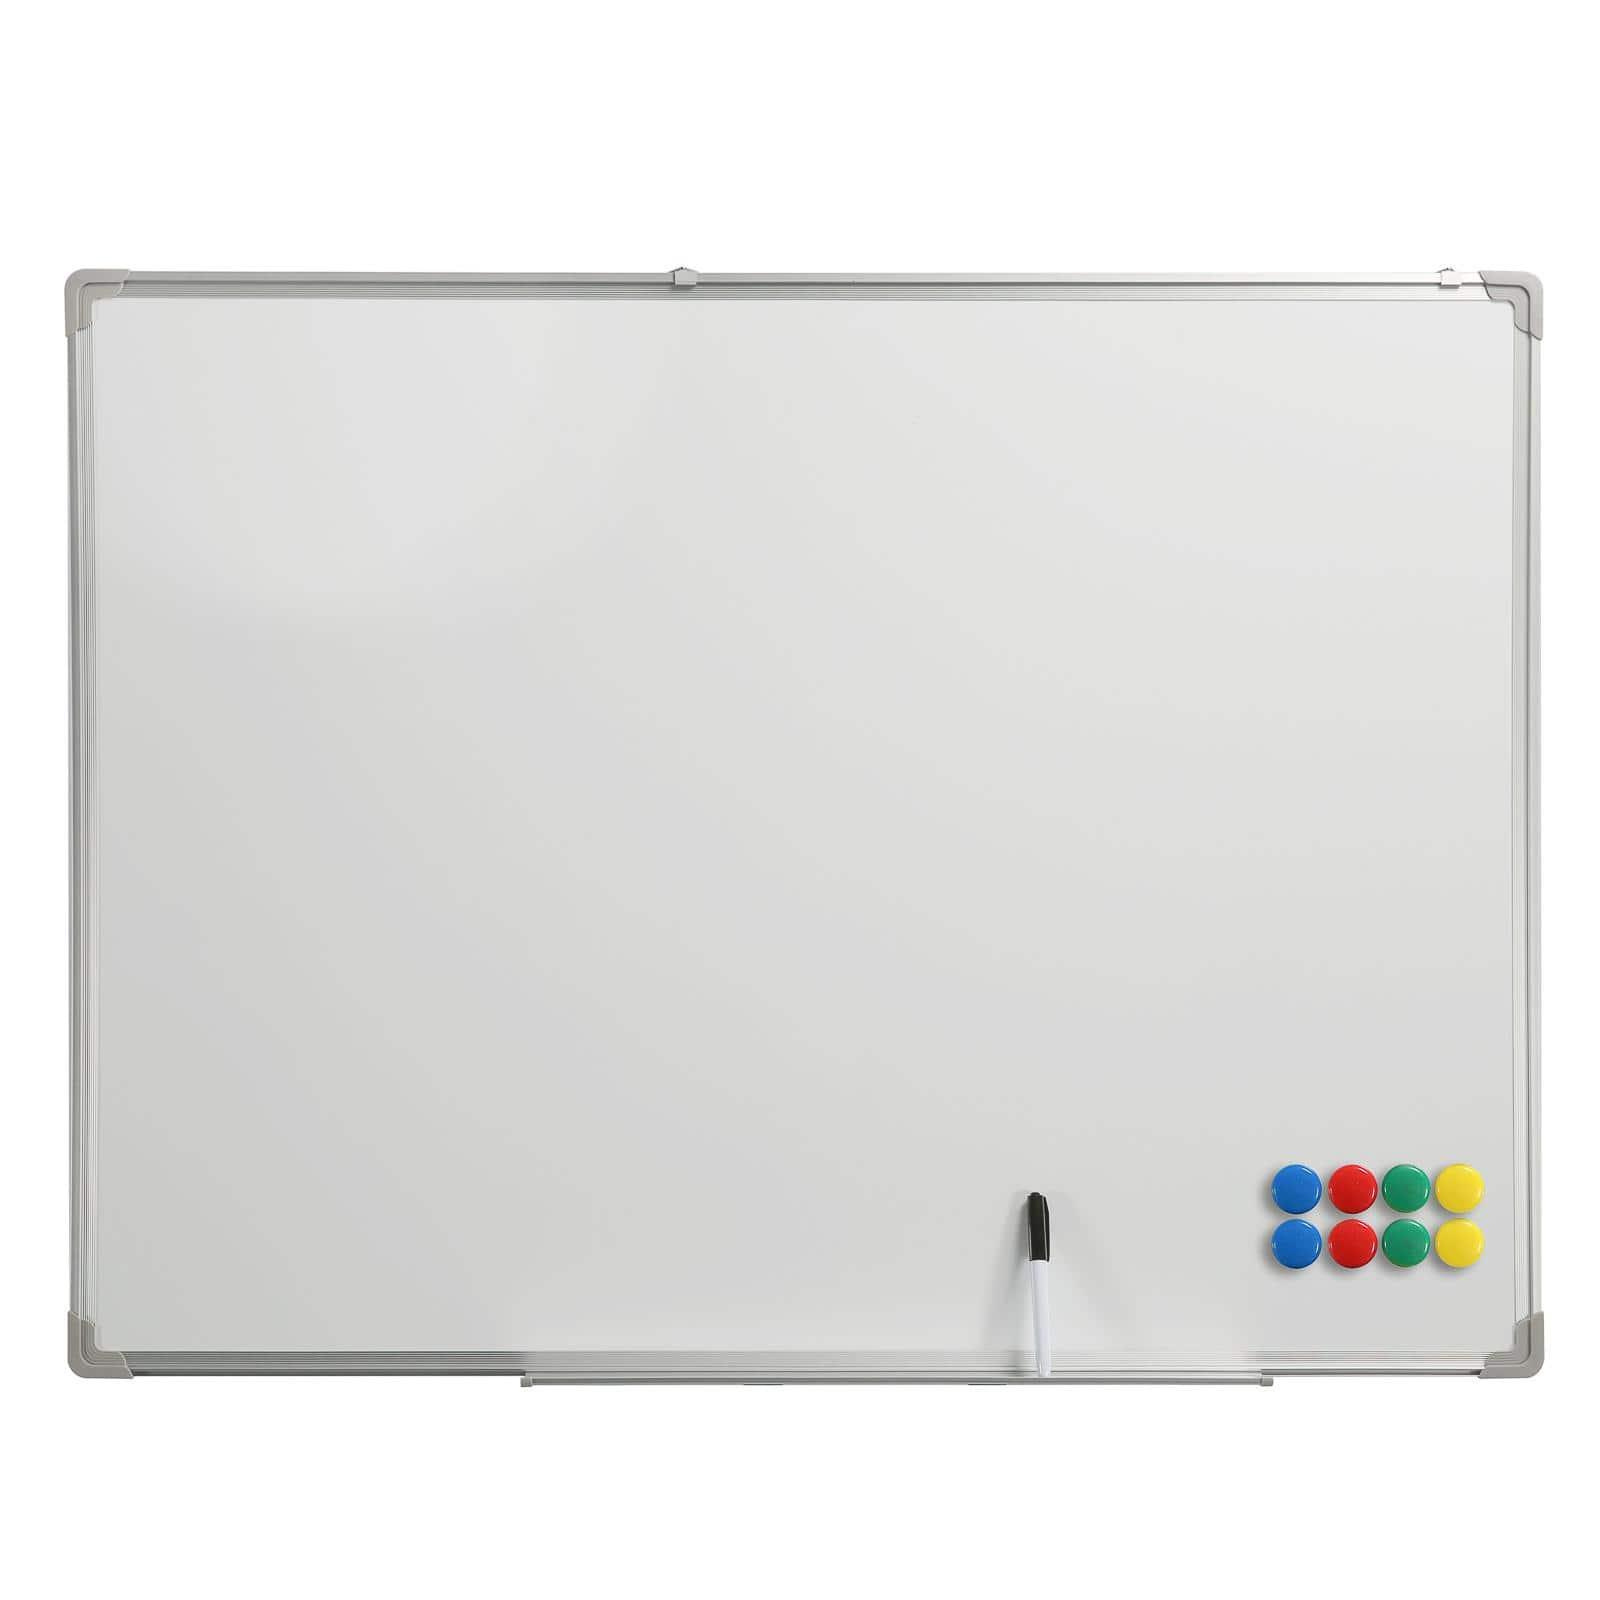 BüroMi Magnetisch Whiteboard 2.0 - 110x80cm - incl. stift en magneten